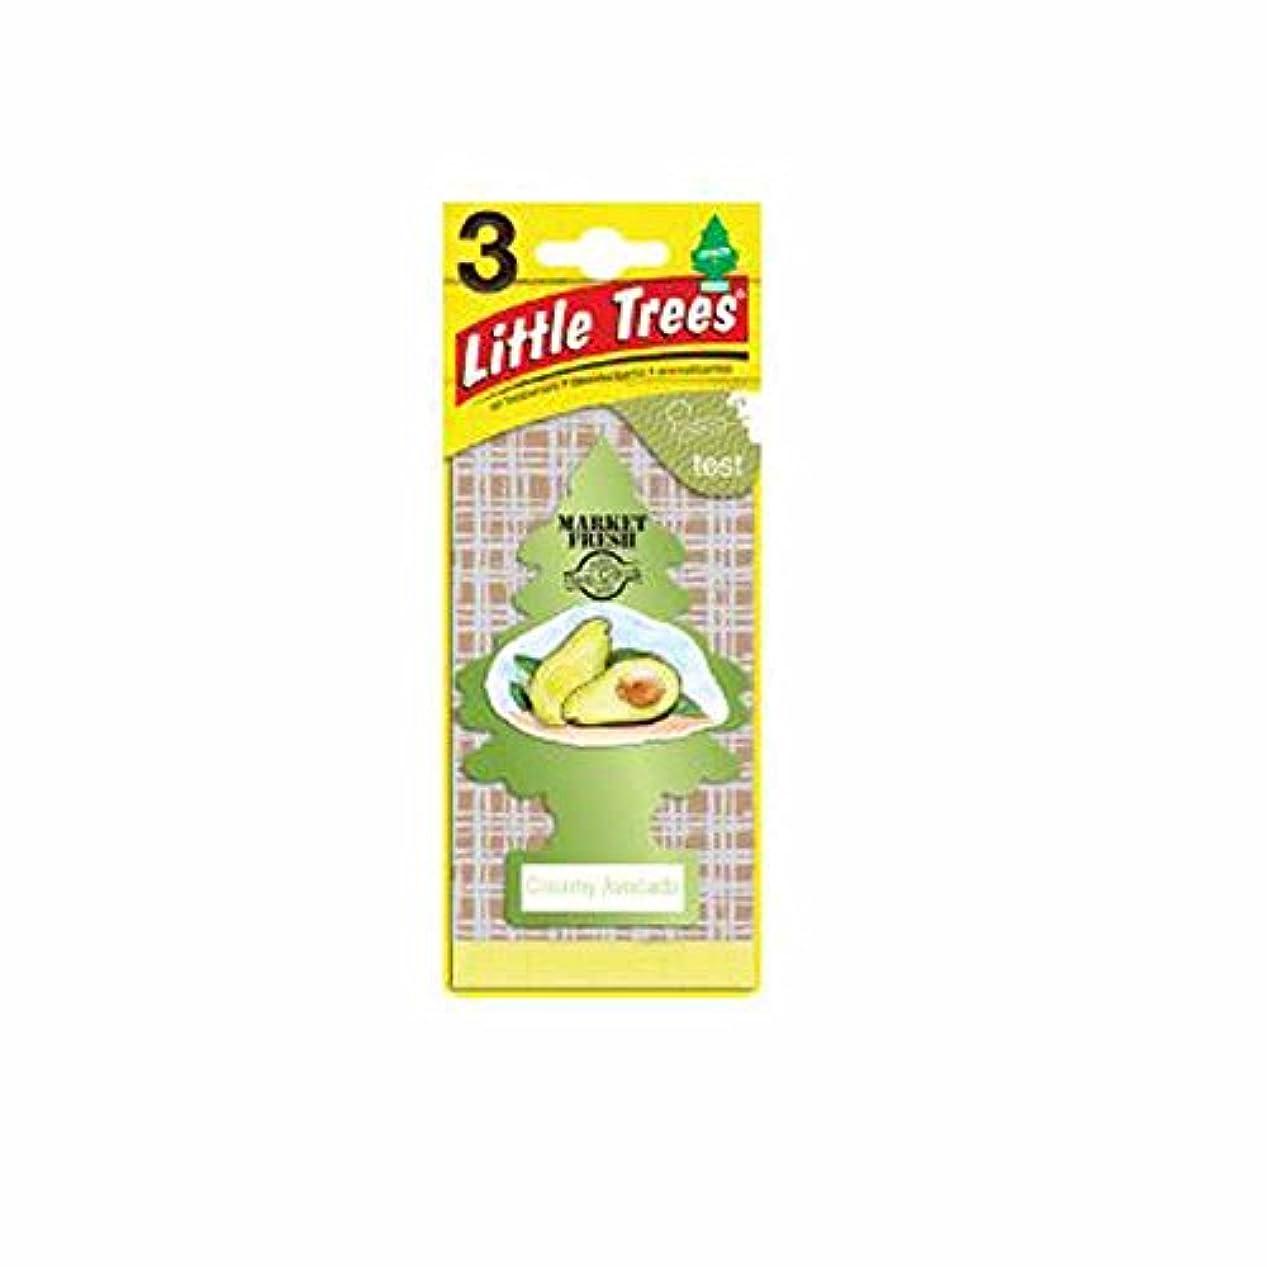 シャーロックホームズグリットなぜならLittle Trees 吊下げタイプ エアーフレッシュナー creamy avocado(クリーミーアボカド) 3枚セット(3P) U3S-37340